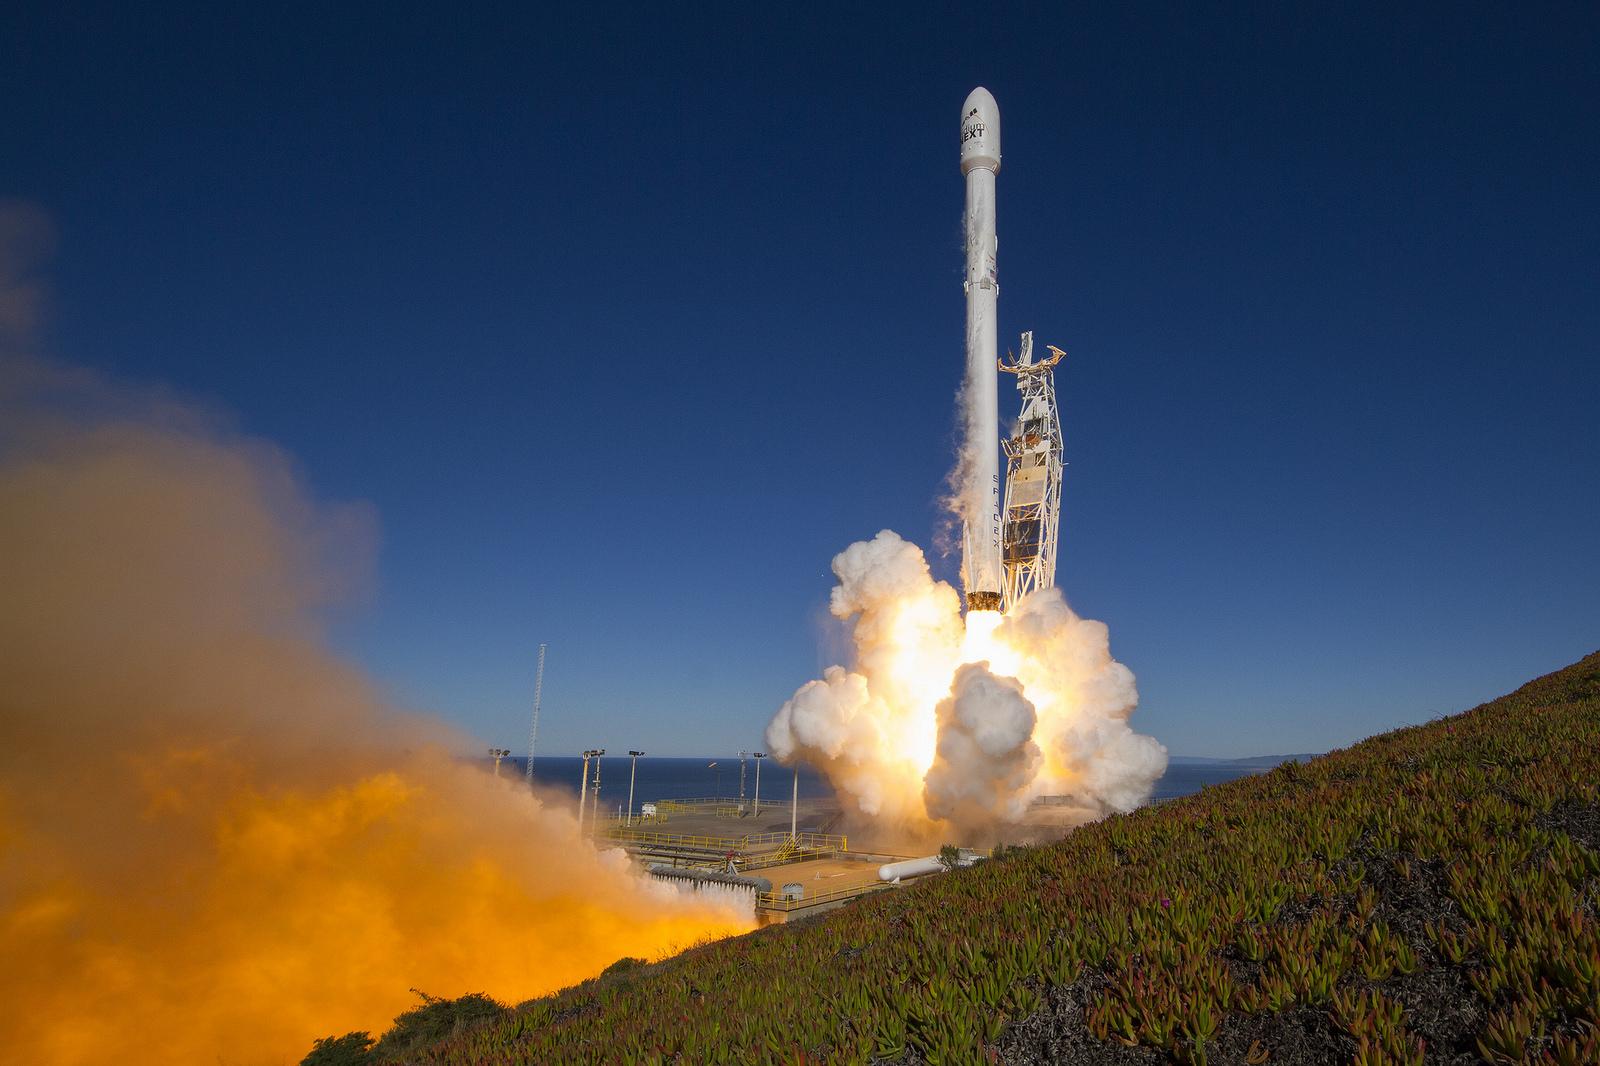 Otra foto del cohete Falcon 9 iniciando el despegue desde la base